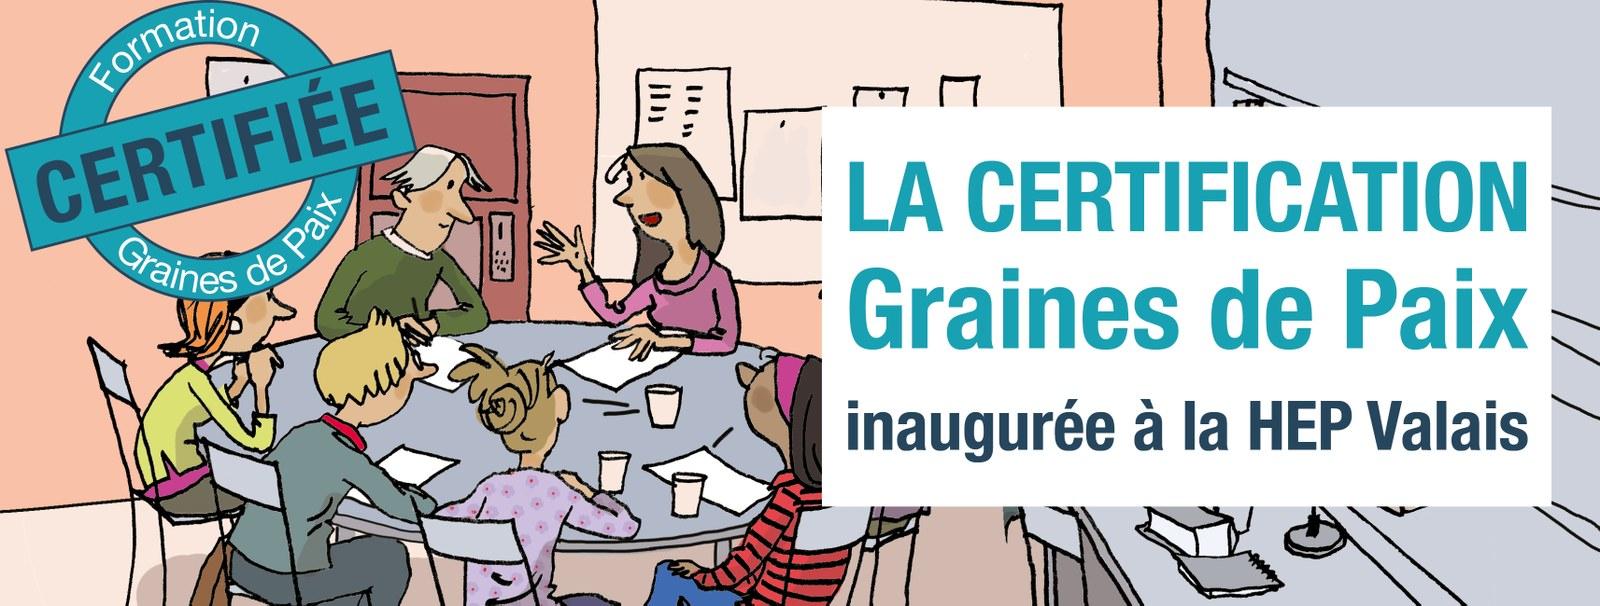 lancement-de-la-certification-graines-de-paix-au-hep-du-valais